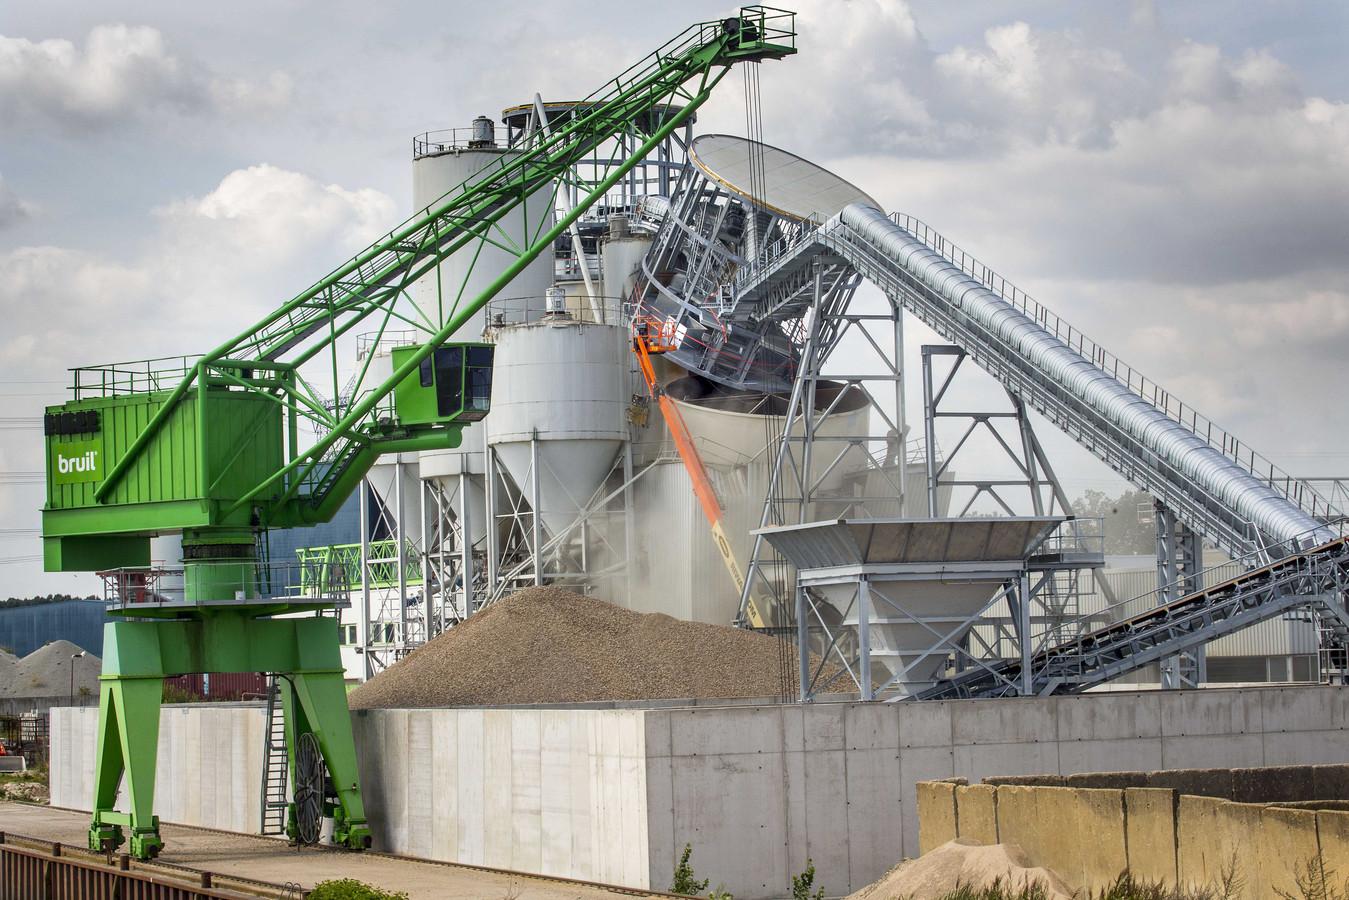 2019-08-21 12:53:42 GEERTRUIDENBERG - Bij betonbedrijf Bruil is een silo ingestort. Het bedrijf gaat uit van een miljoenenschade. ANP ARIE KIEVIT